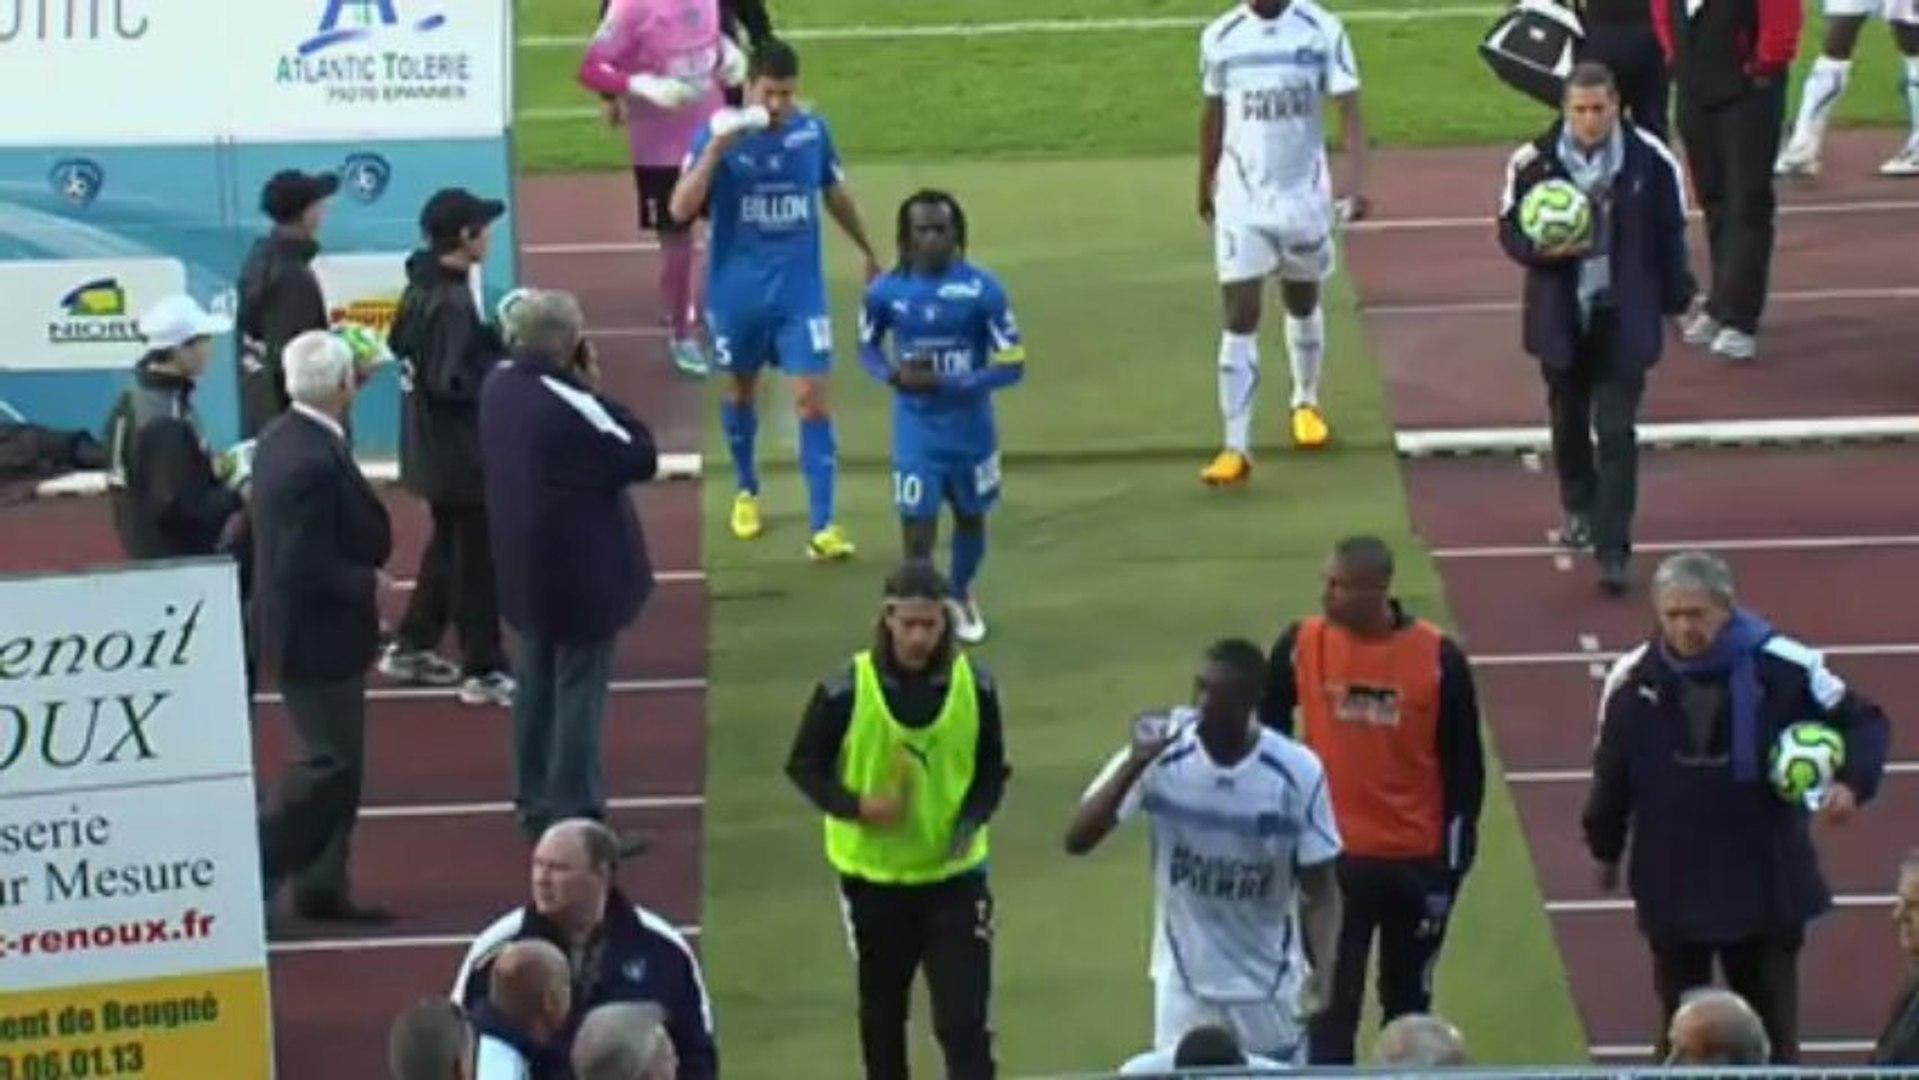 Chamois Niortais (NIORT) - AJ Auxerre (AJA) Le résumé du match (35ème journée) - saison 2012/2013